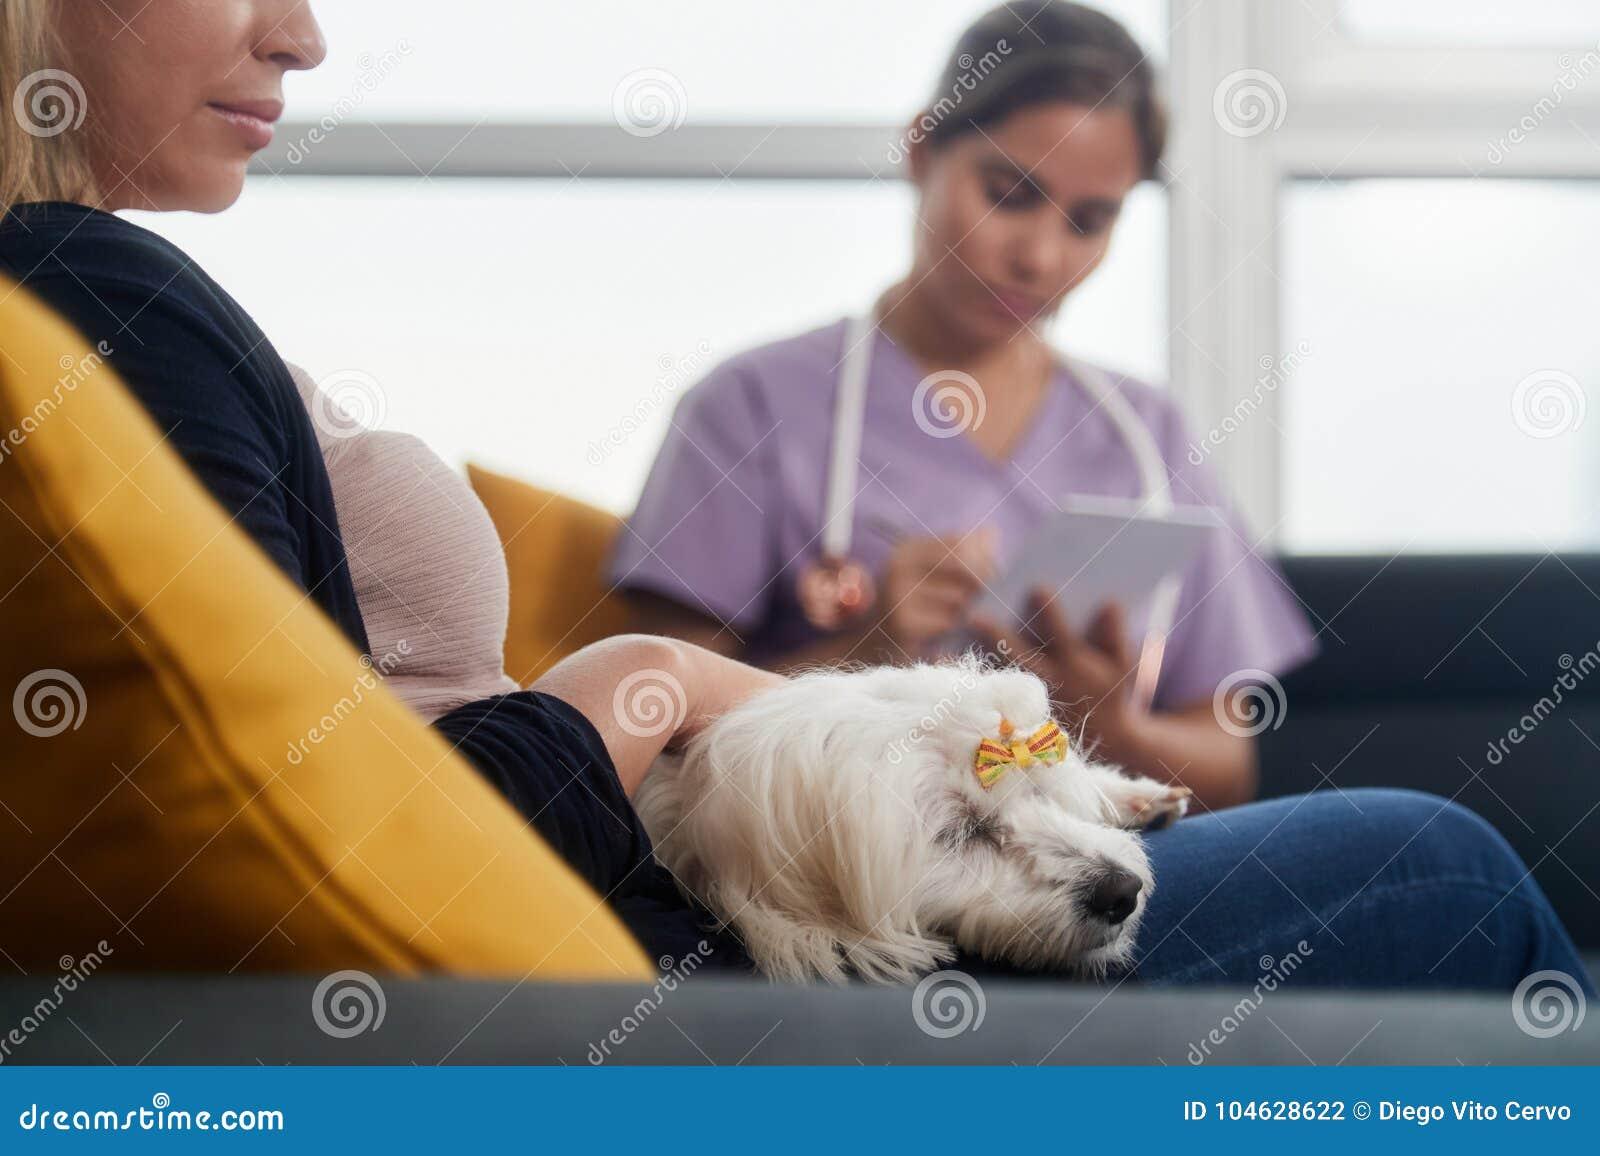 Veterinario joven que habla con el dueño del perro durante la visita casera